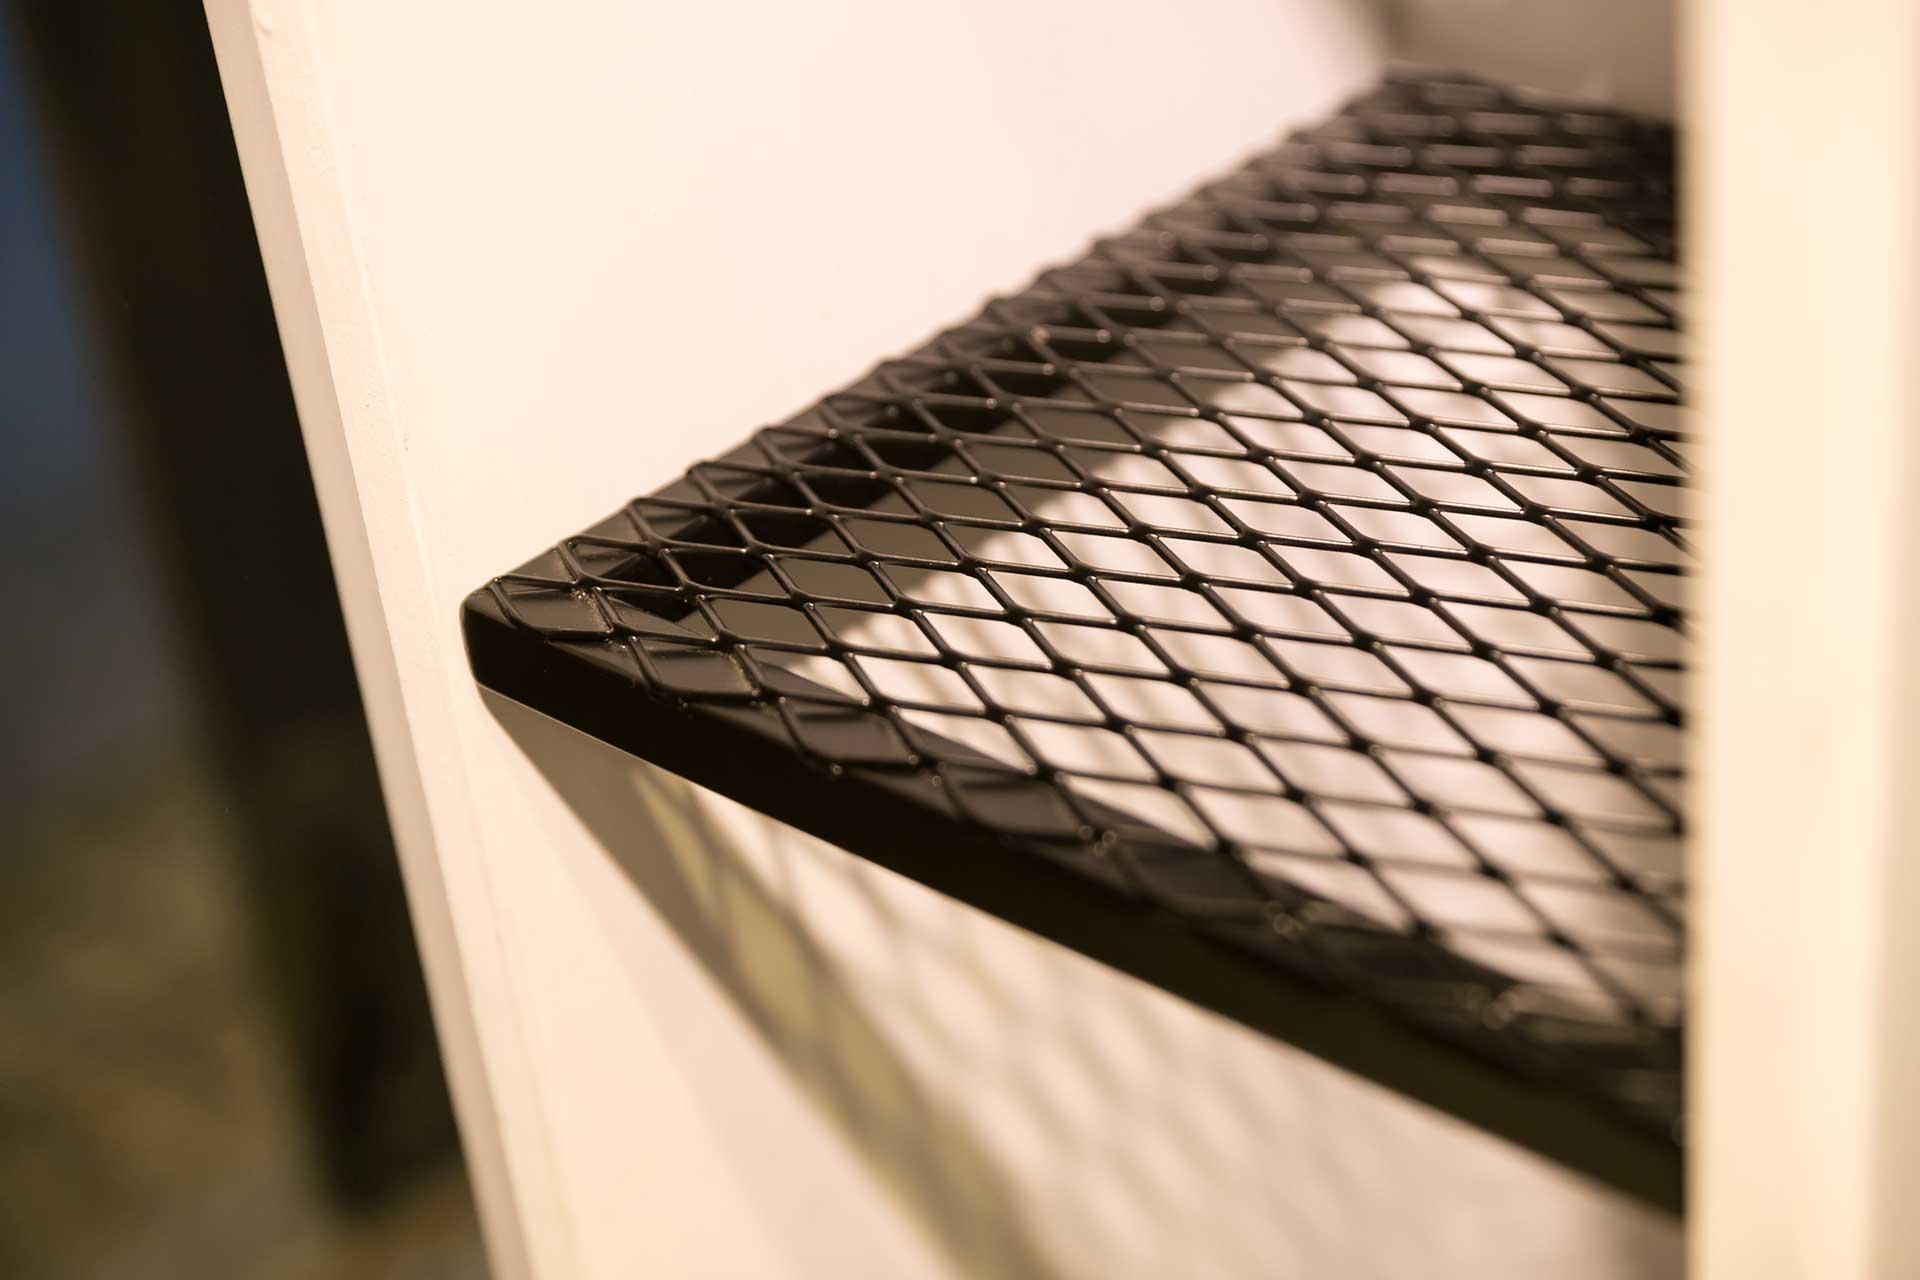 採活動式設計的展示櫃鐵件隔板